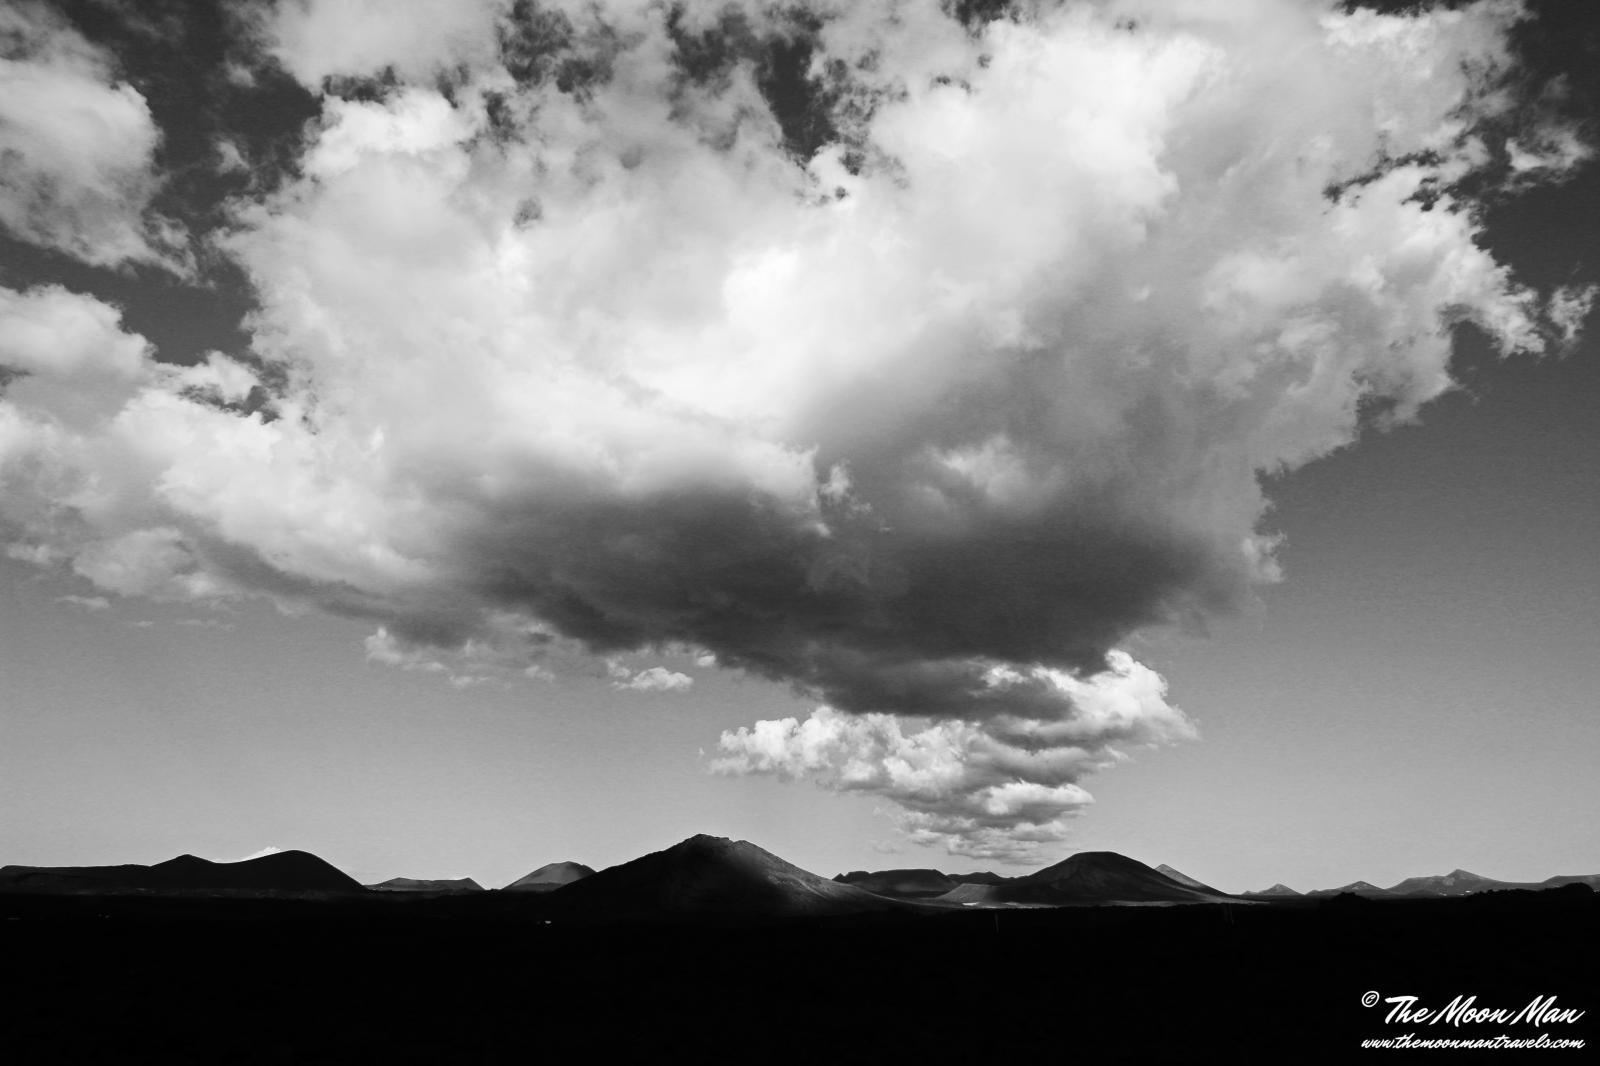 Photography image - Loading Charco_de_los_Clicos_y_Los_Hervideros__Lanzarote_(10)_b_w.jpg